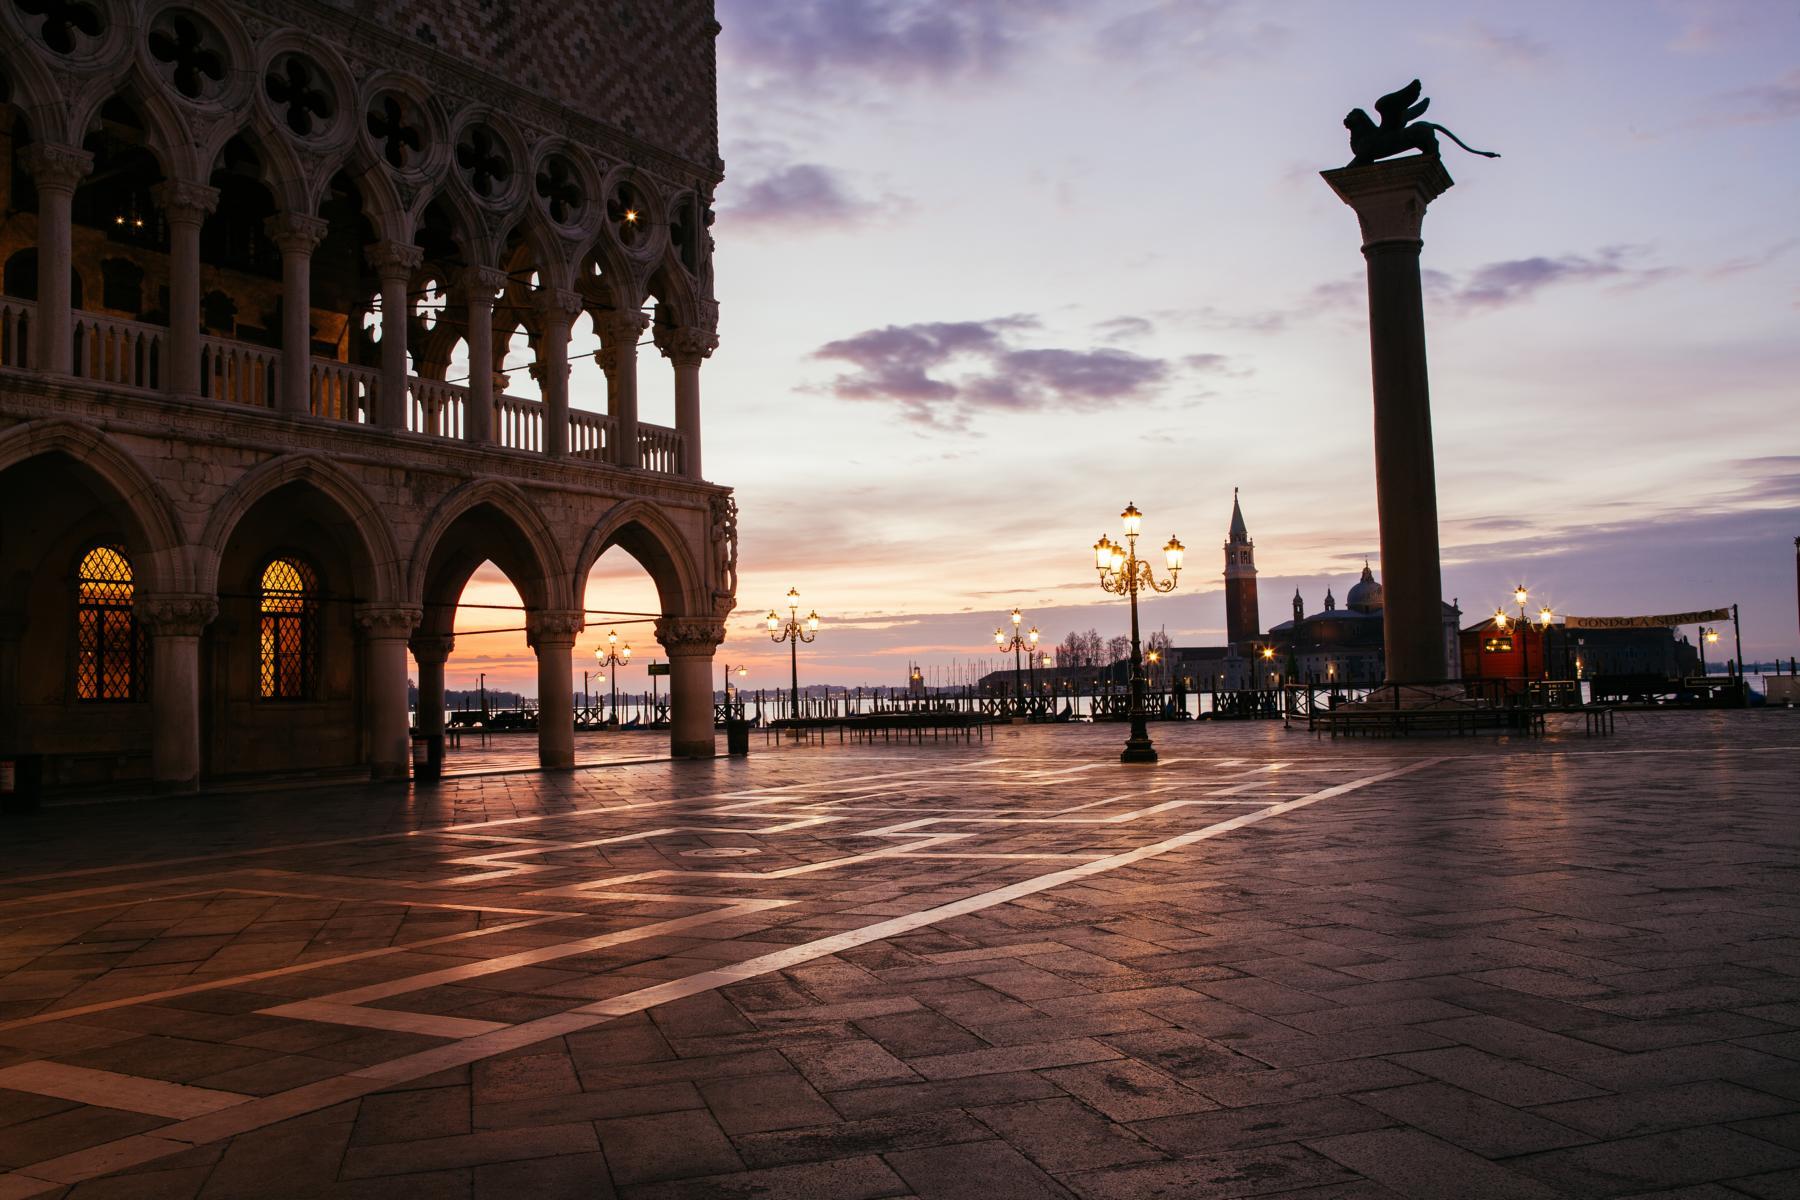 Landausflug in Venedig auf einer Kreuzfahrt mit der Silver Muse von Silversea Cruises